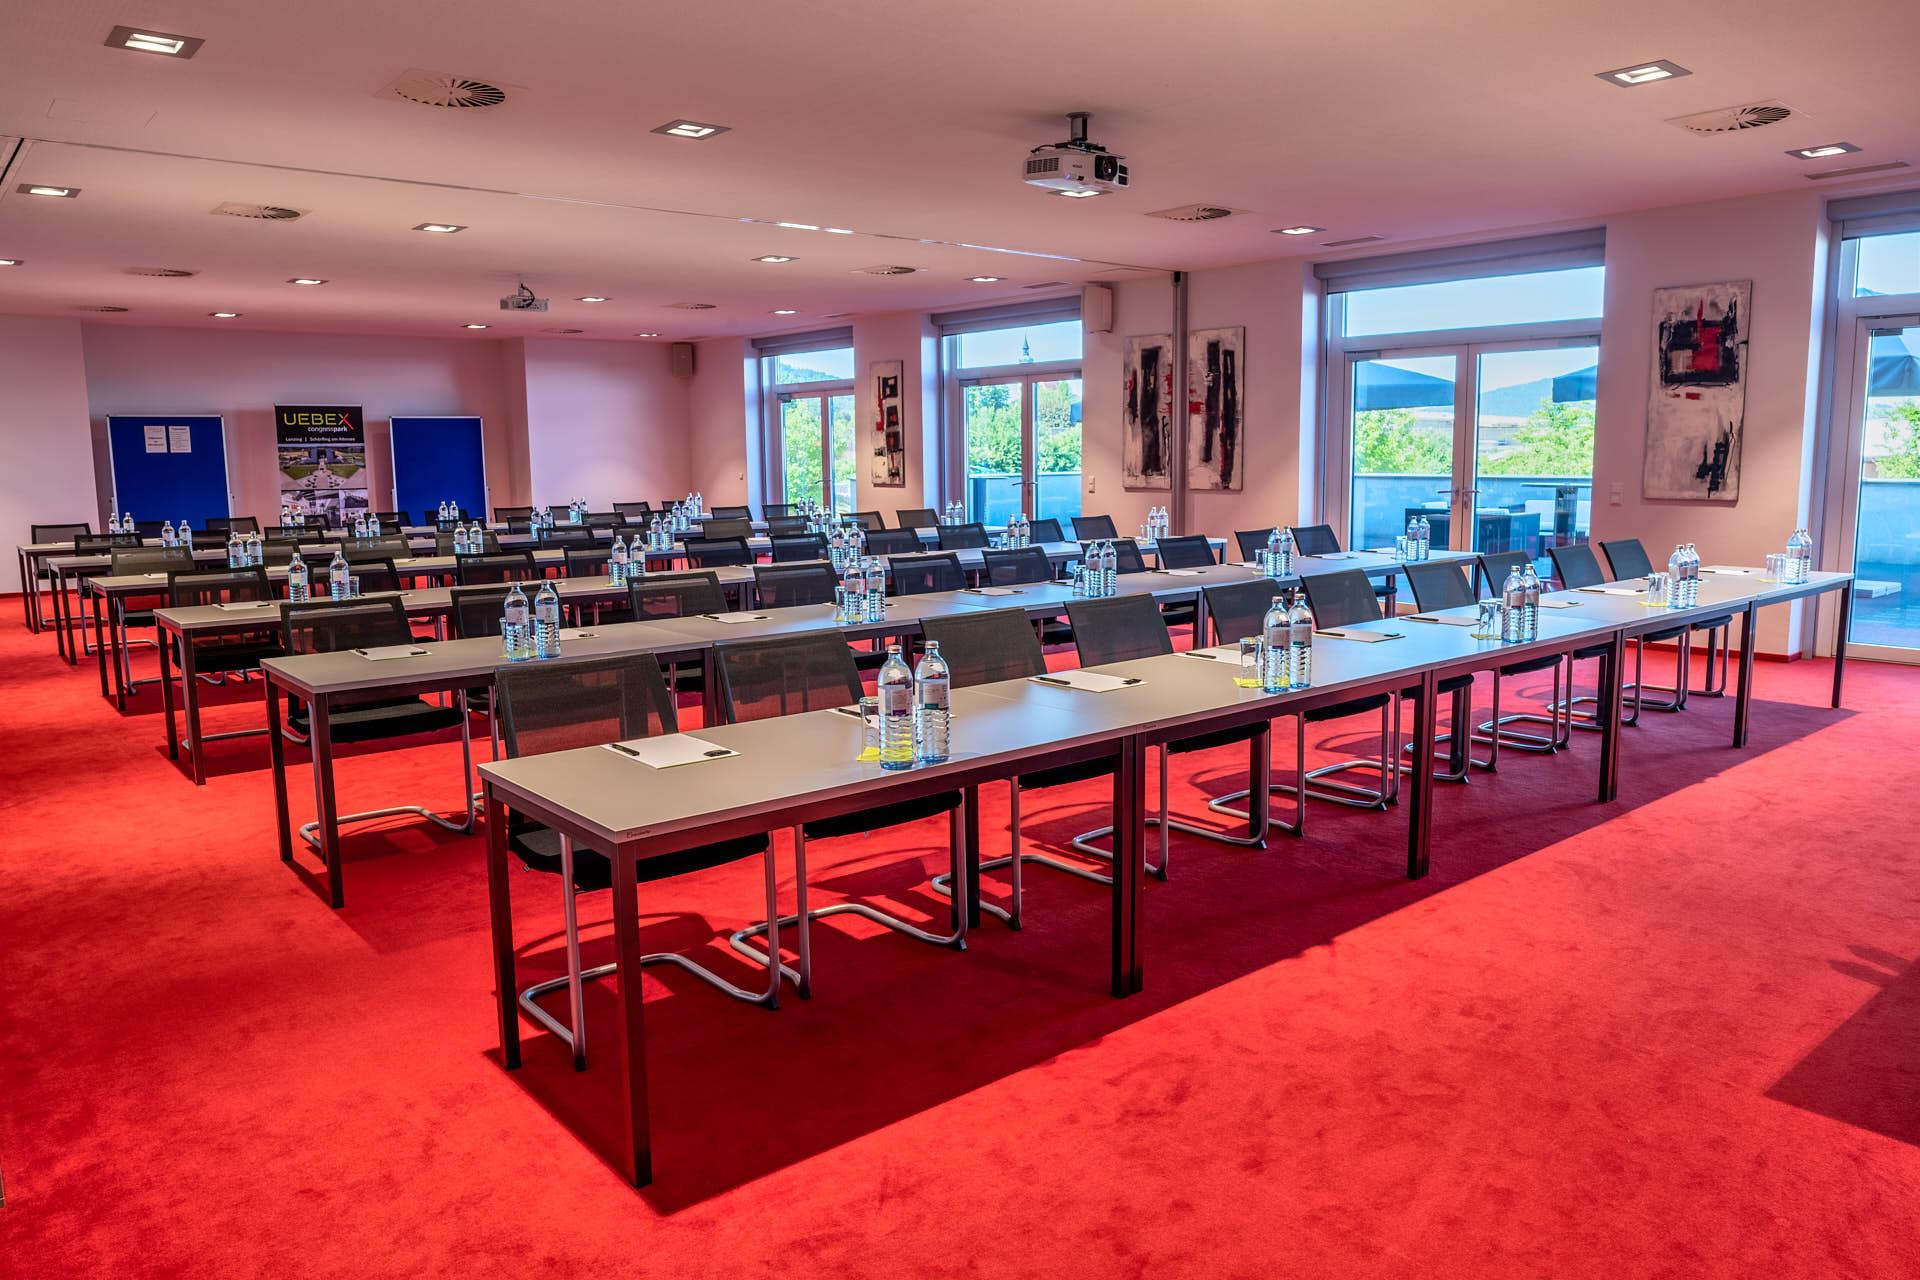 Merkur und Saturn / Klassenzimmer-Bestuhlung: Platz für 80 Personen.